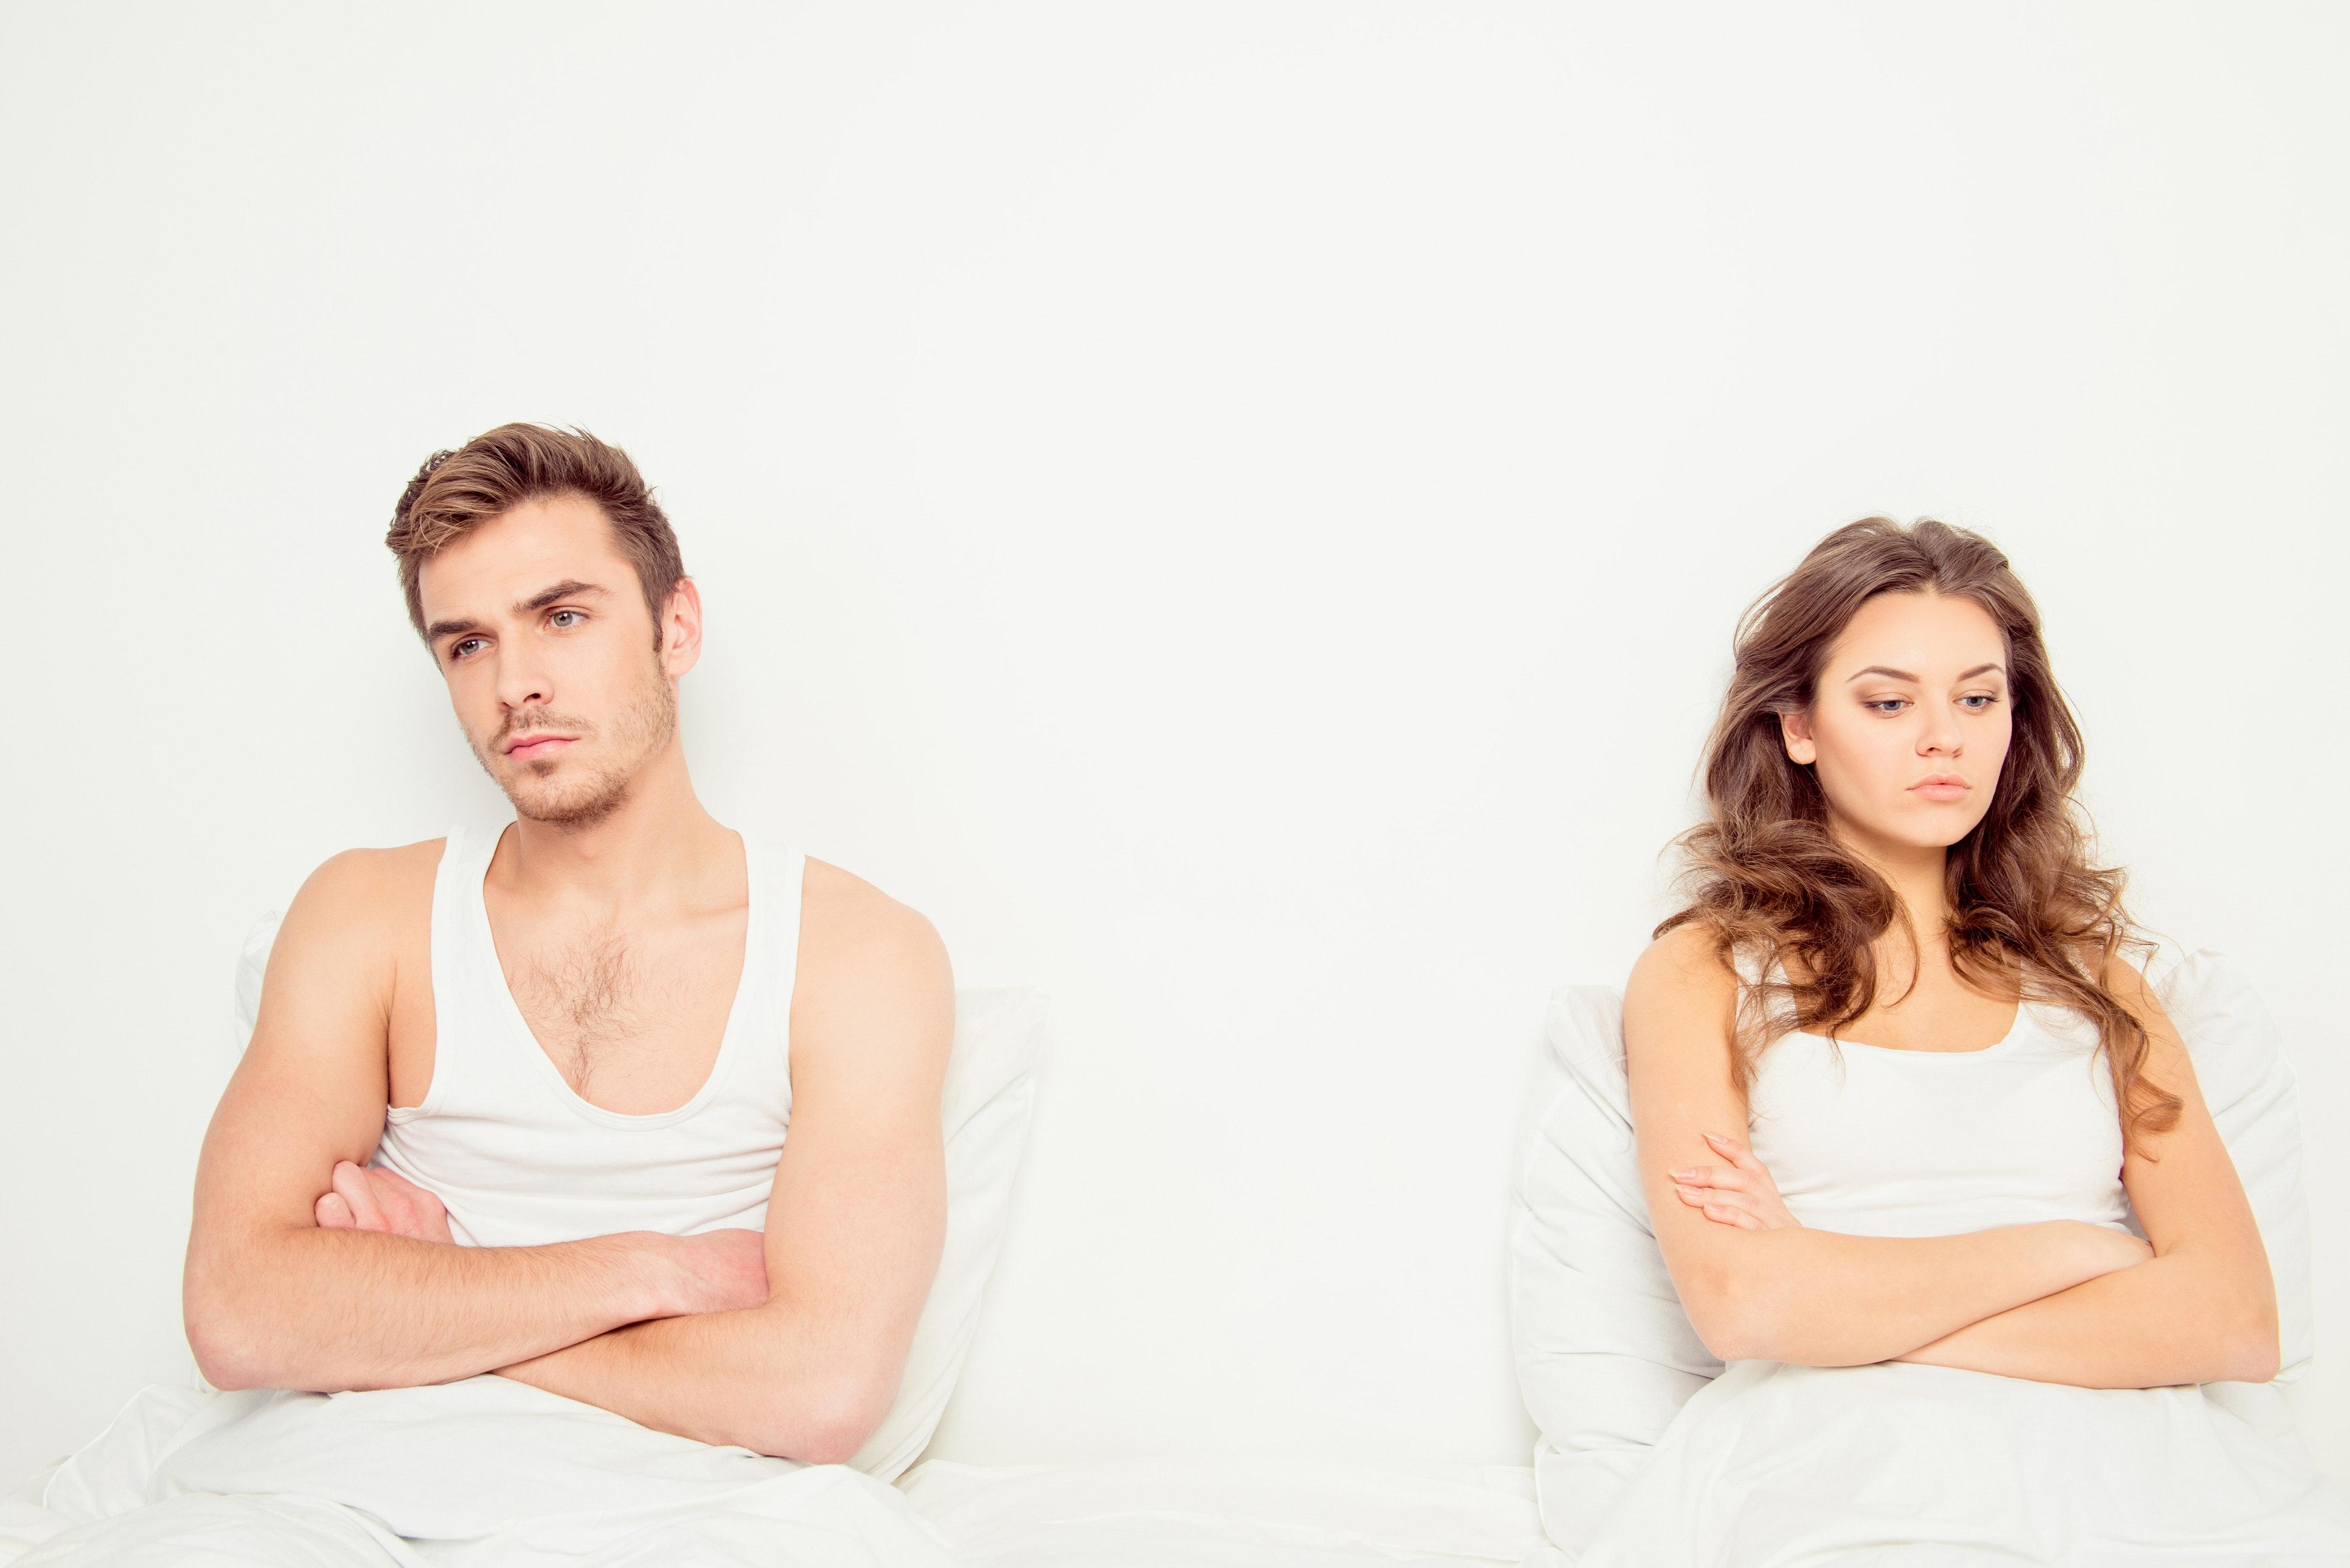 Piger søger sex uforpligtende sex